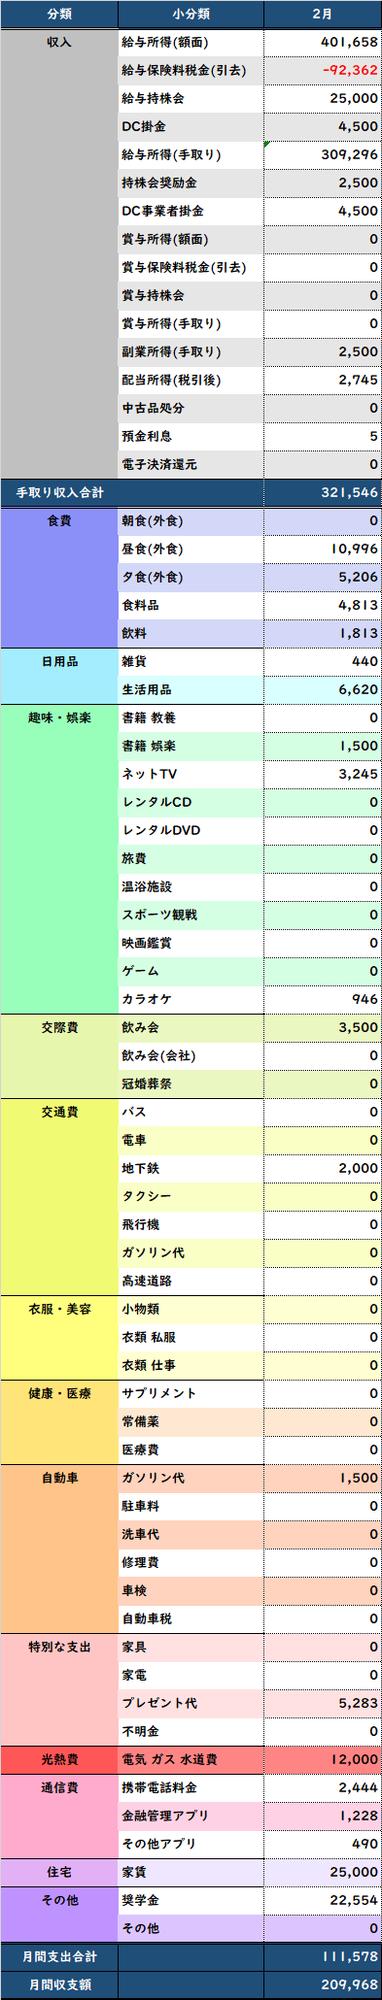 f:id:Hakurei:20200315124209p:plain